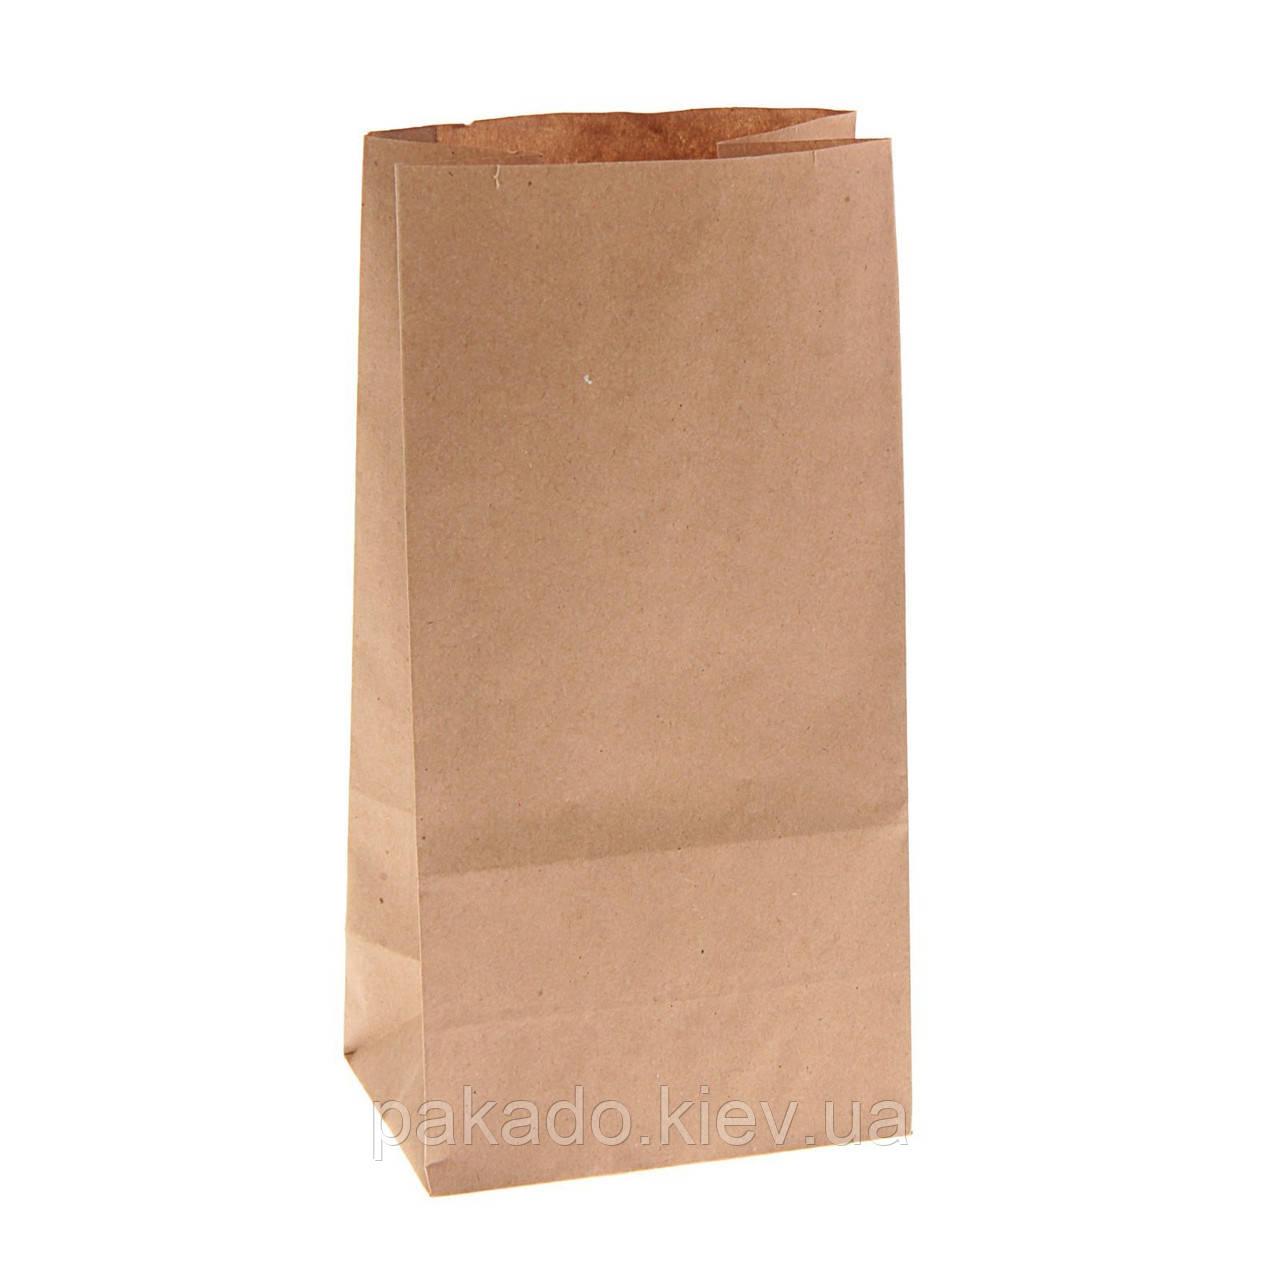 Бумажный пакет на вынос 280х150х380 Бурый